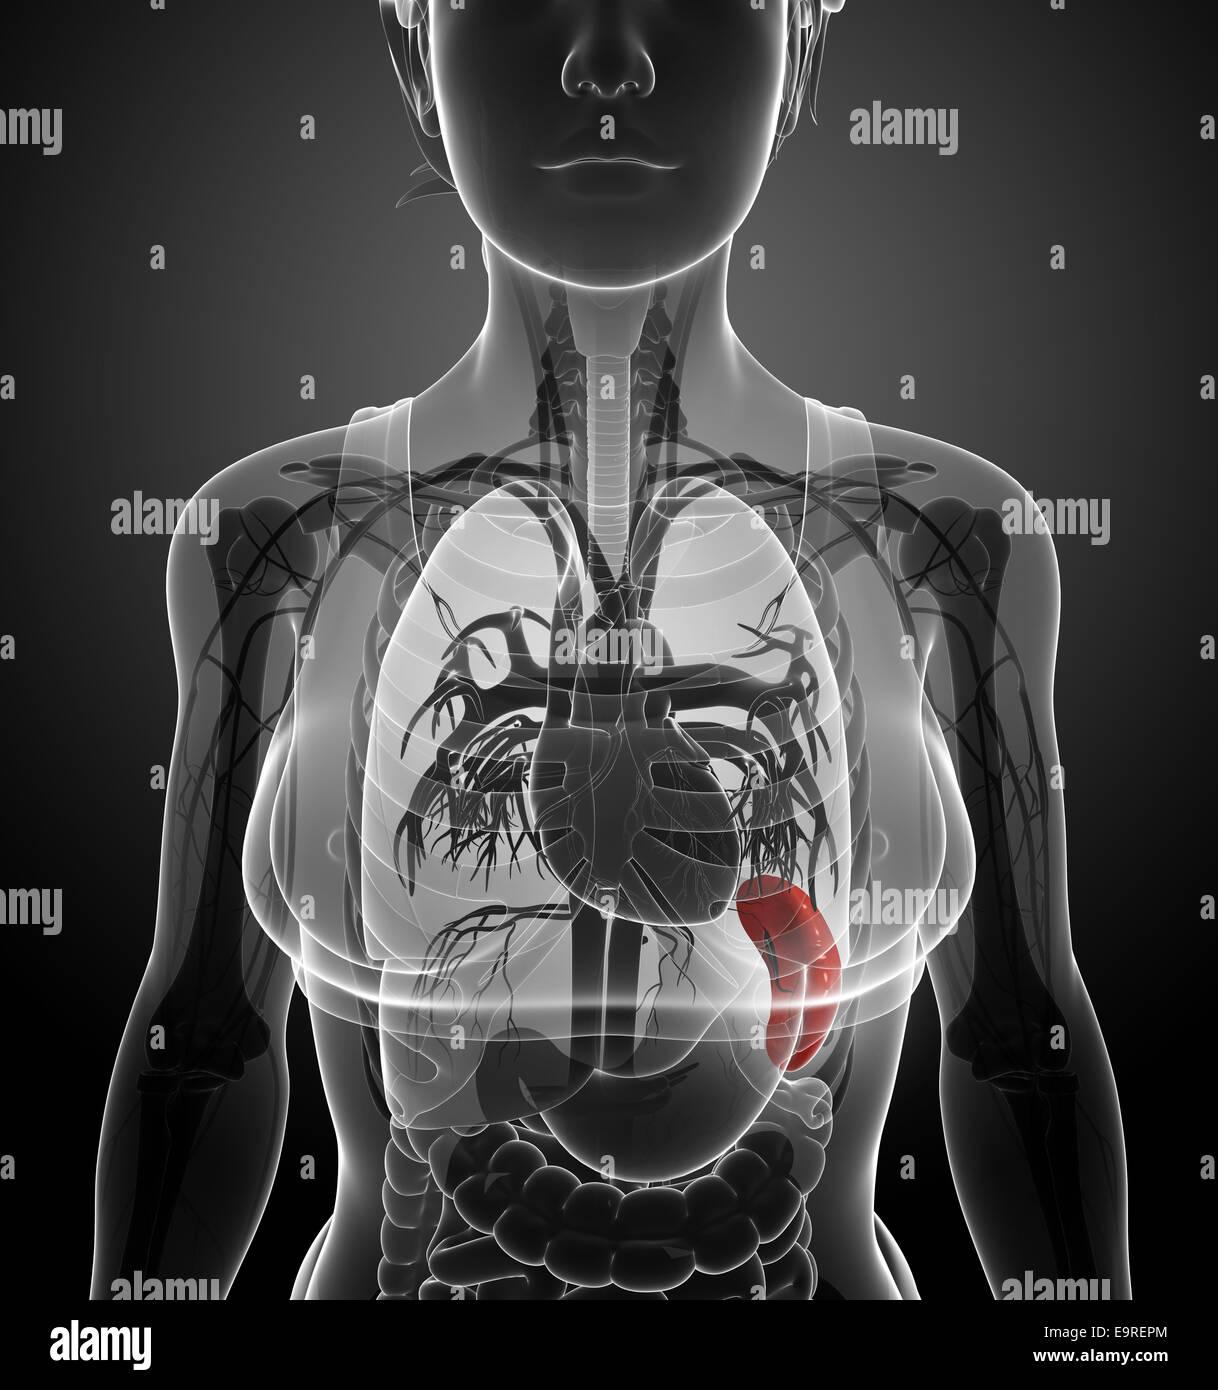 Fantastisch Pearson Bildung Anatomie Und Physiologie Galerie ...